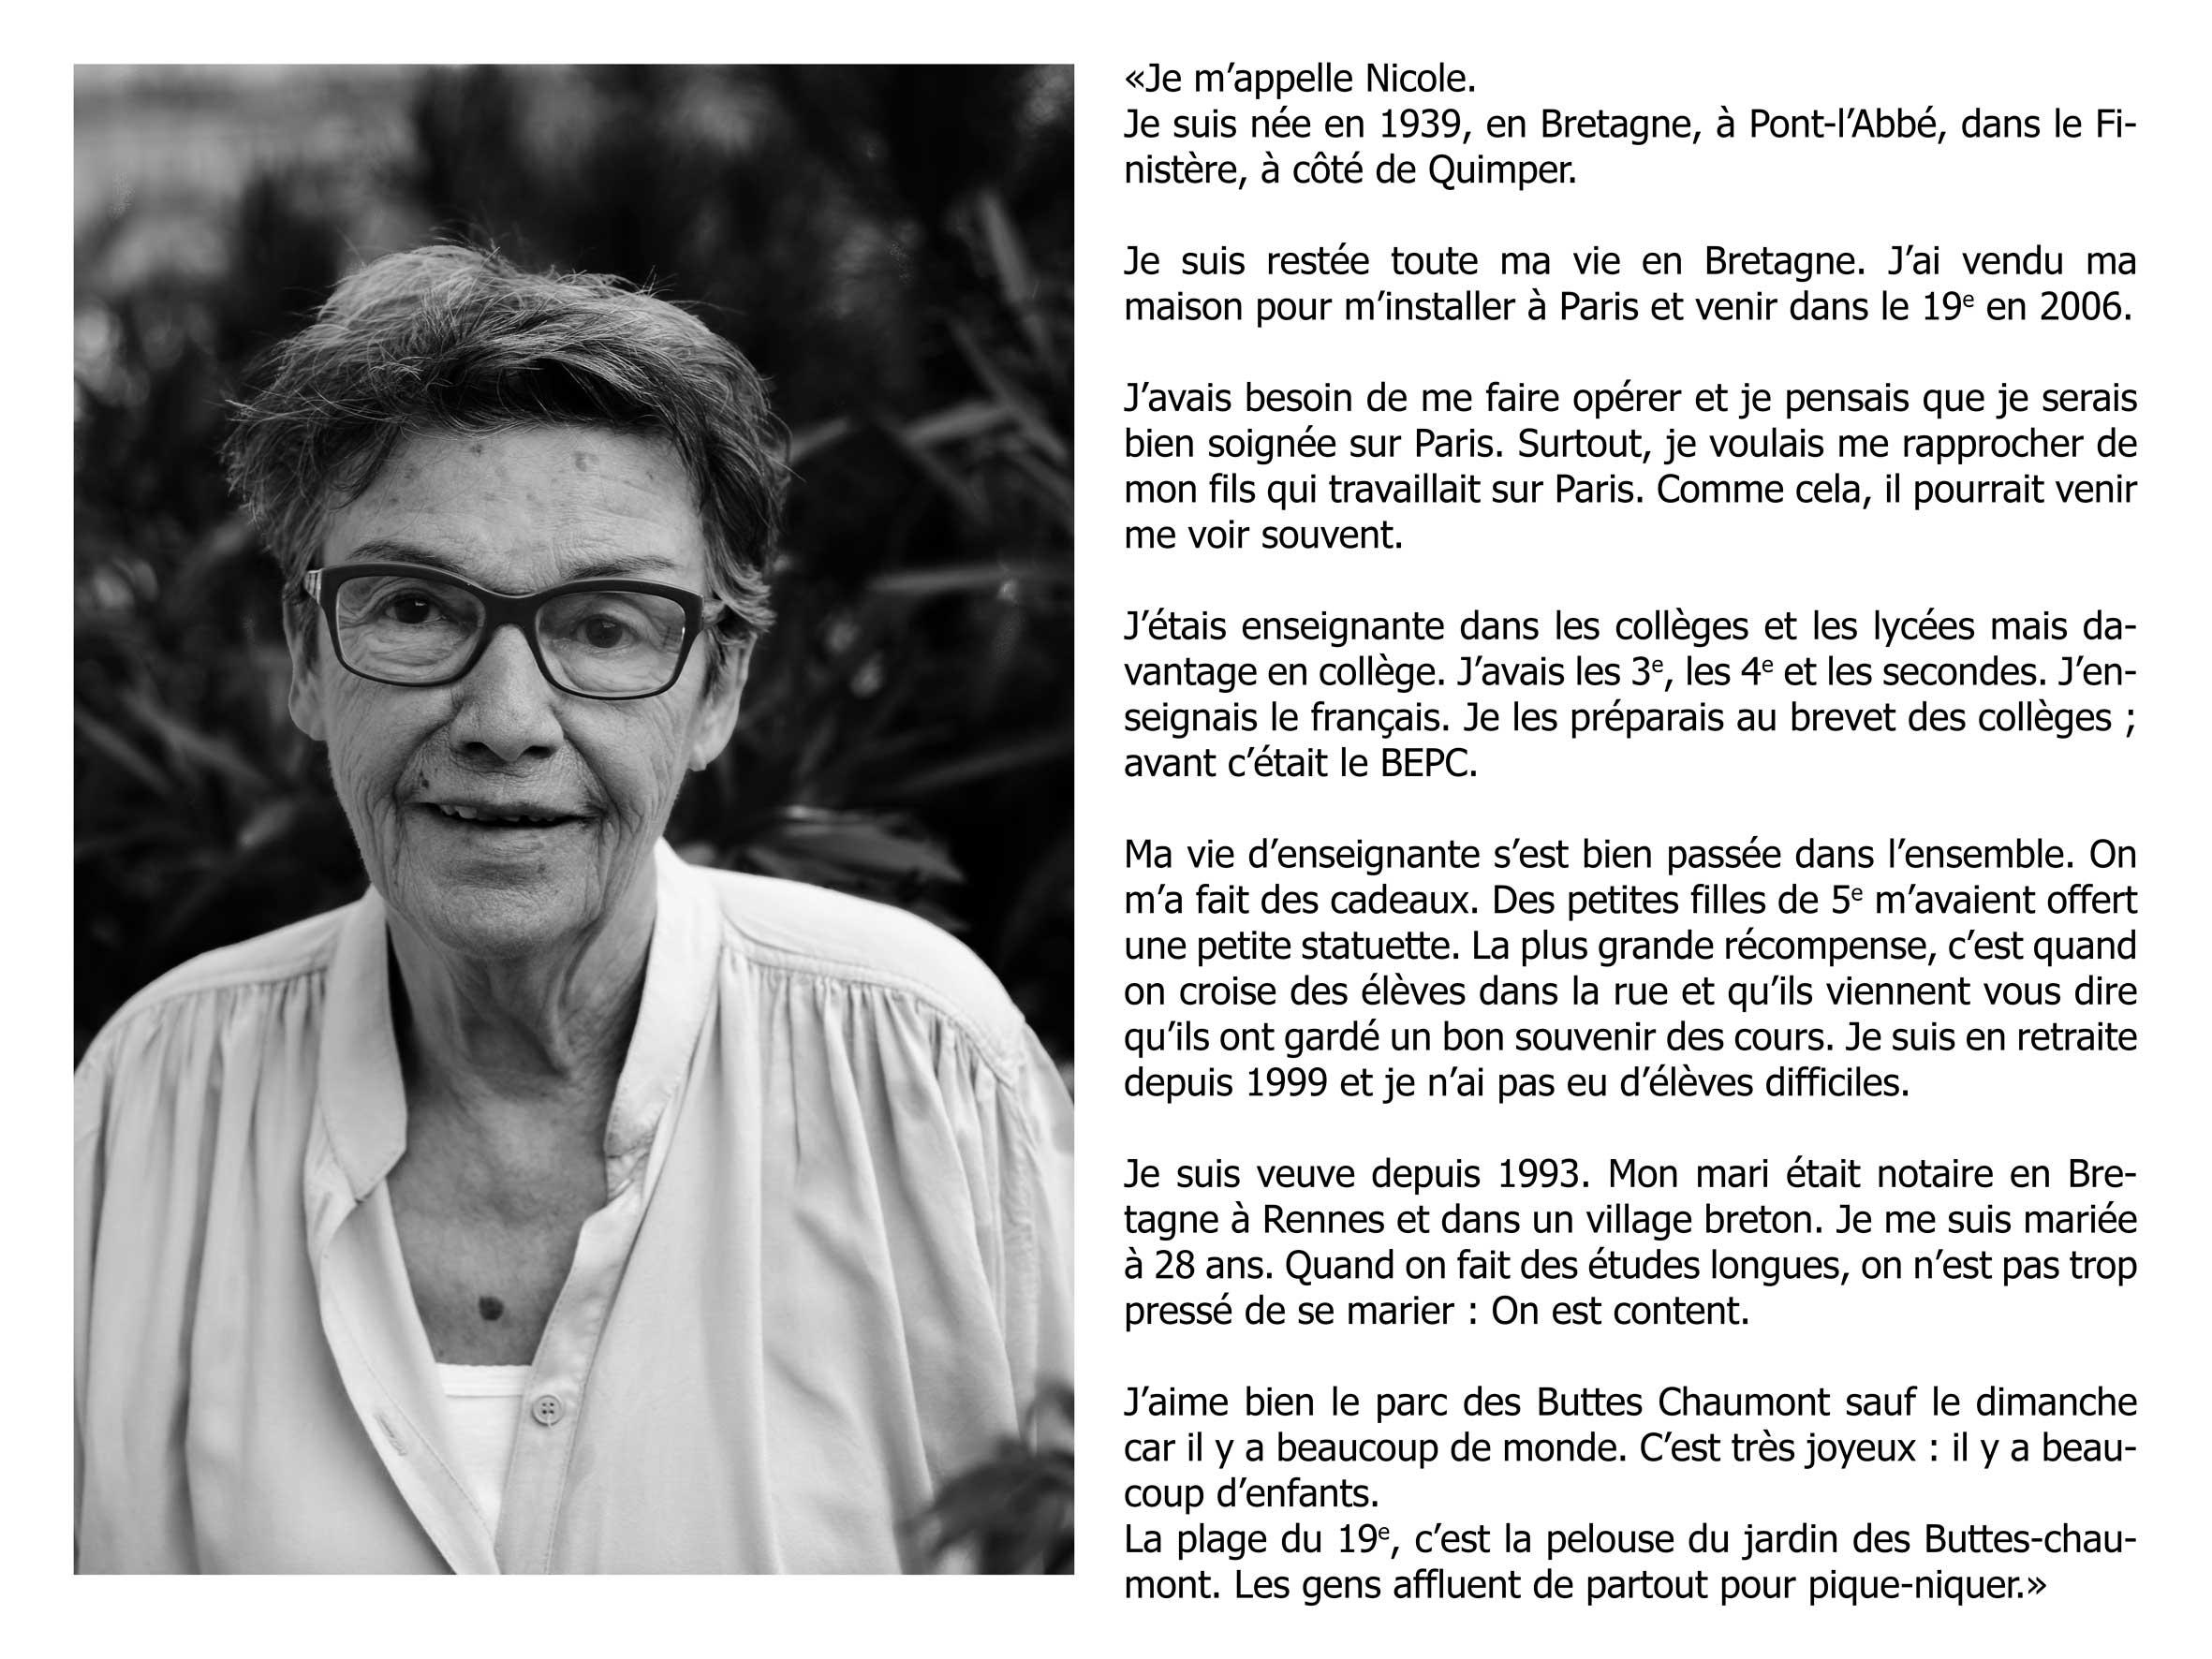 """Nicole - """"Ces voisins oubliés"""" - copyright Clément Szmulewicz"""